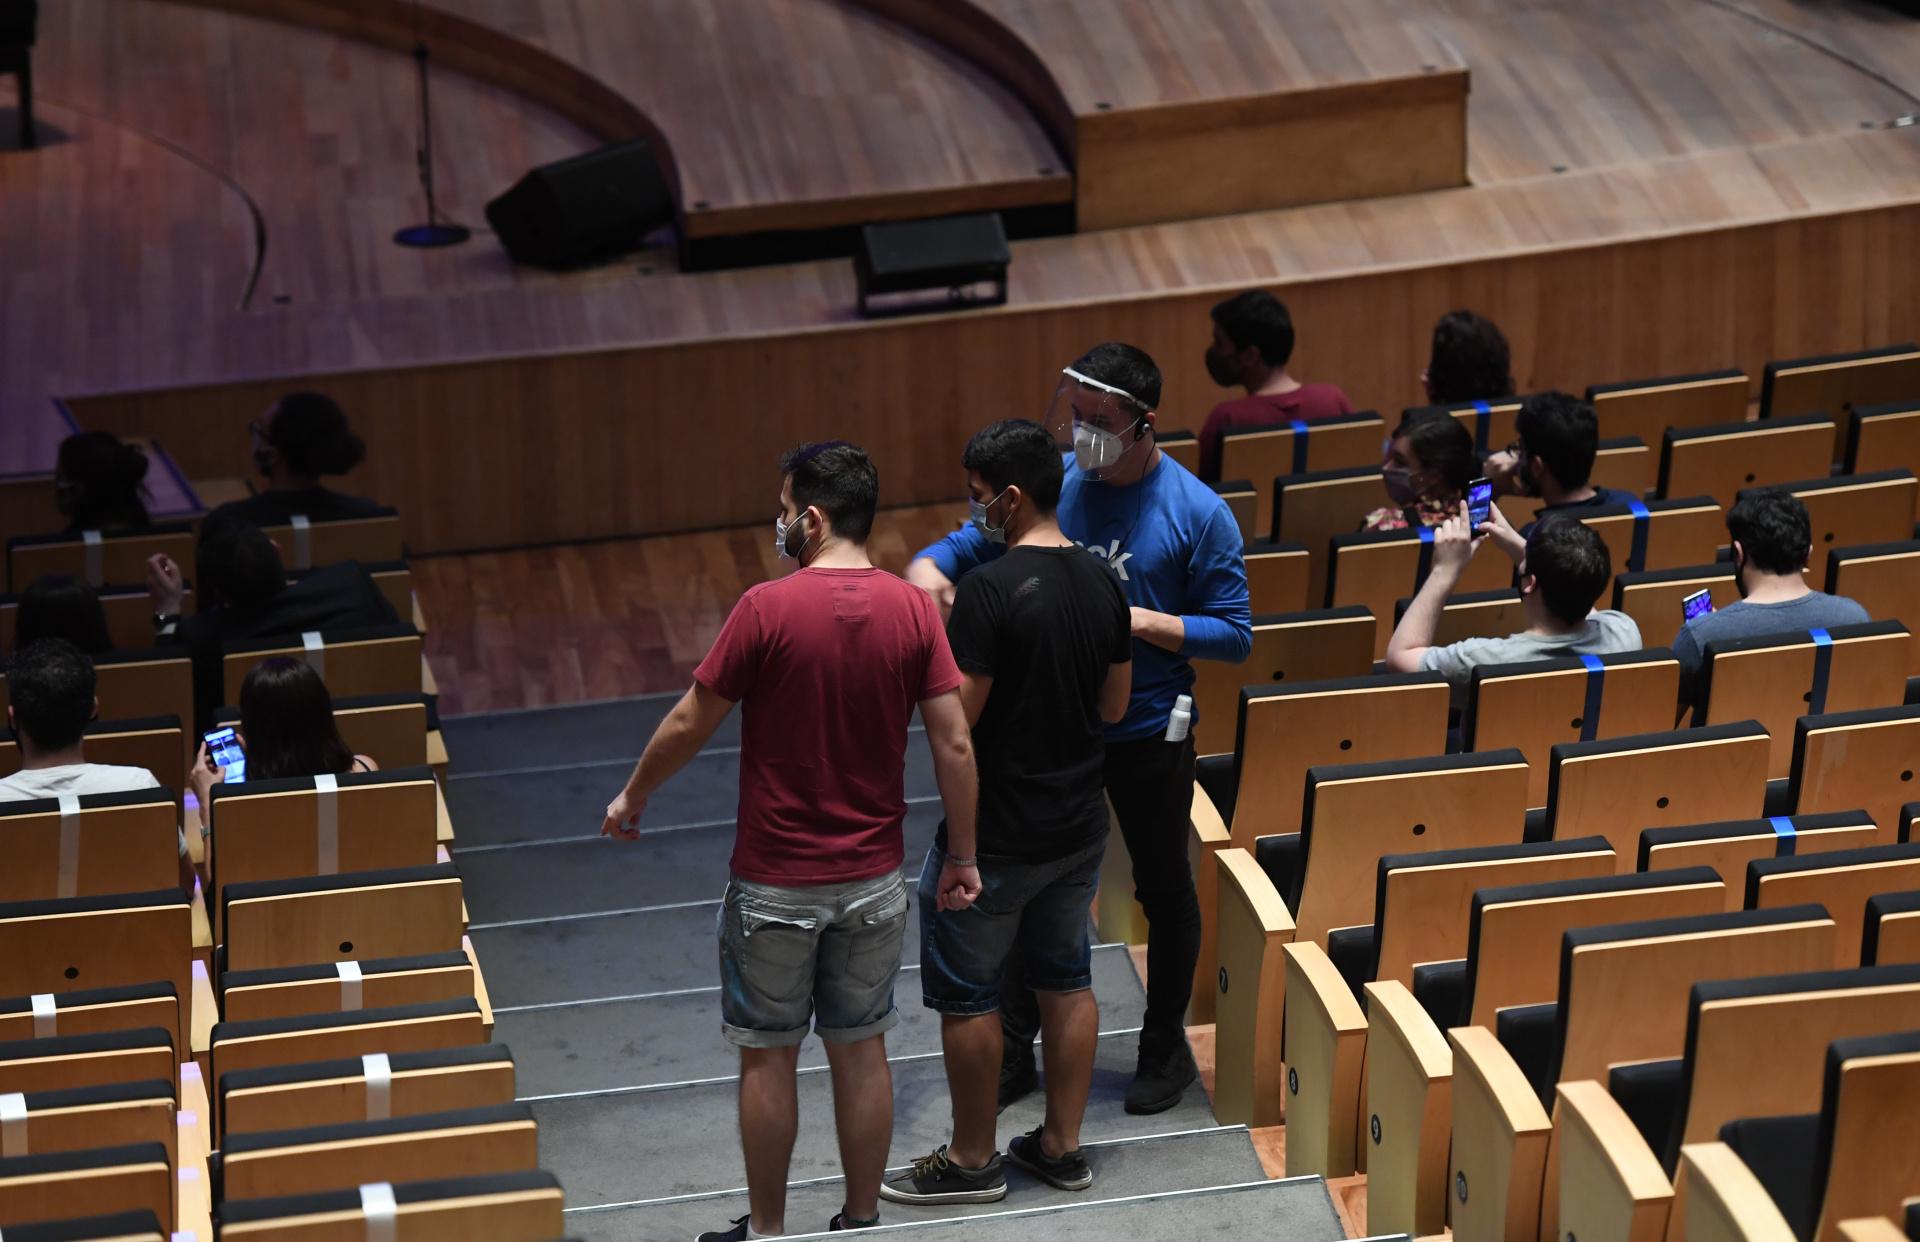 Una vez dentro de la sala, el personal del CCK ayudaba a los miembros del público a encontrar sus asientos para asegurar el distanciamiento social (Maximiliano Luna)